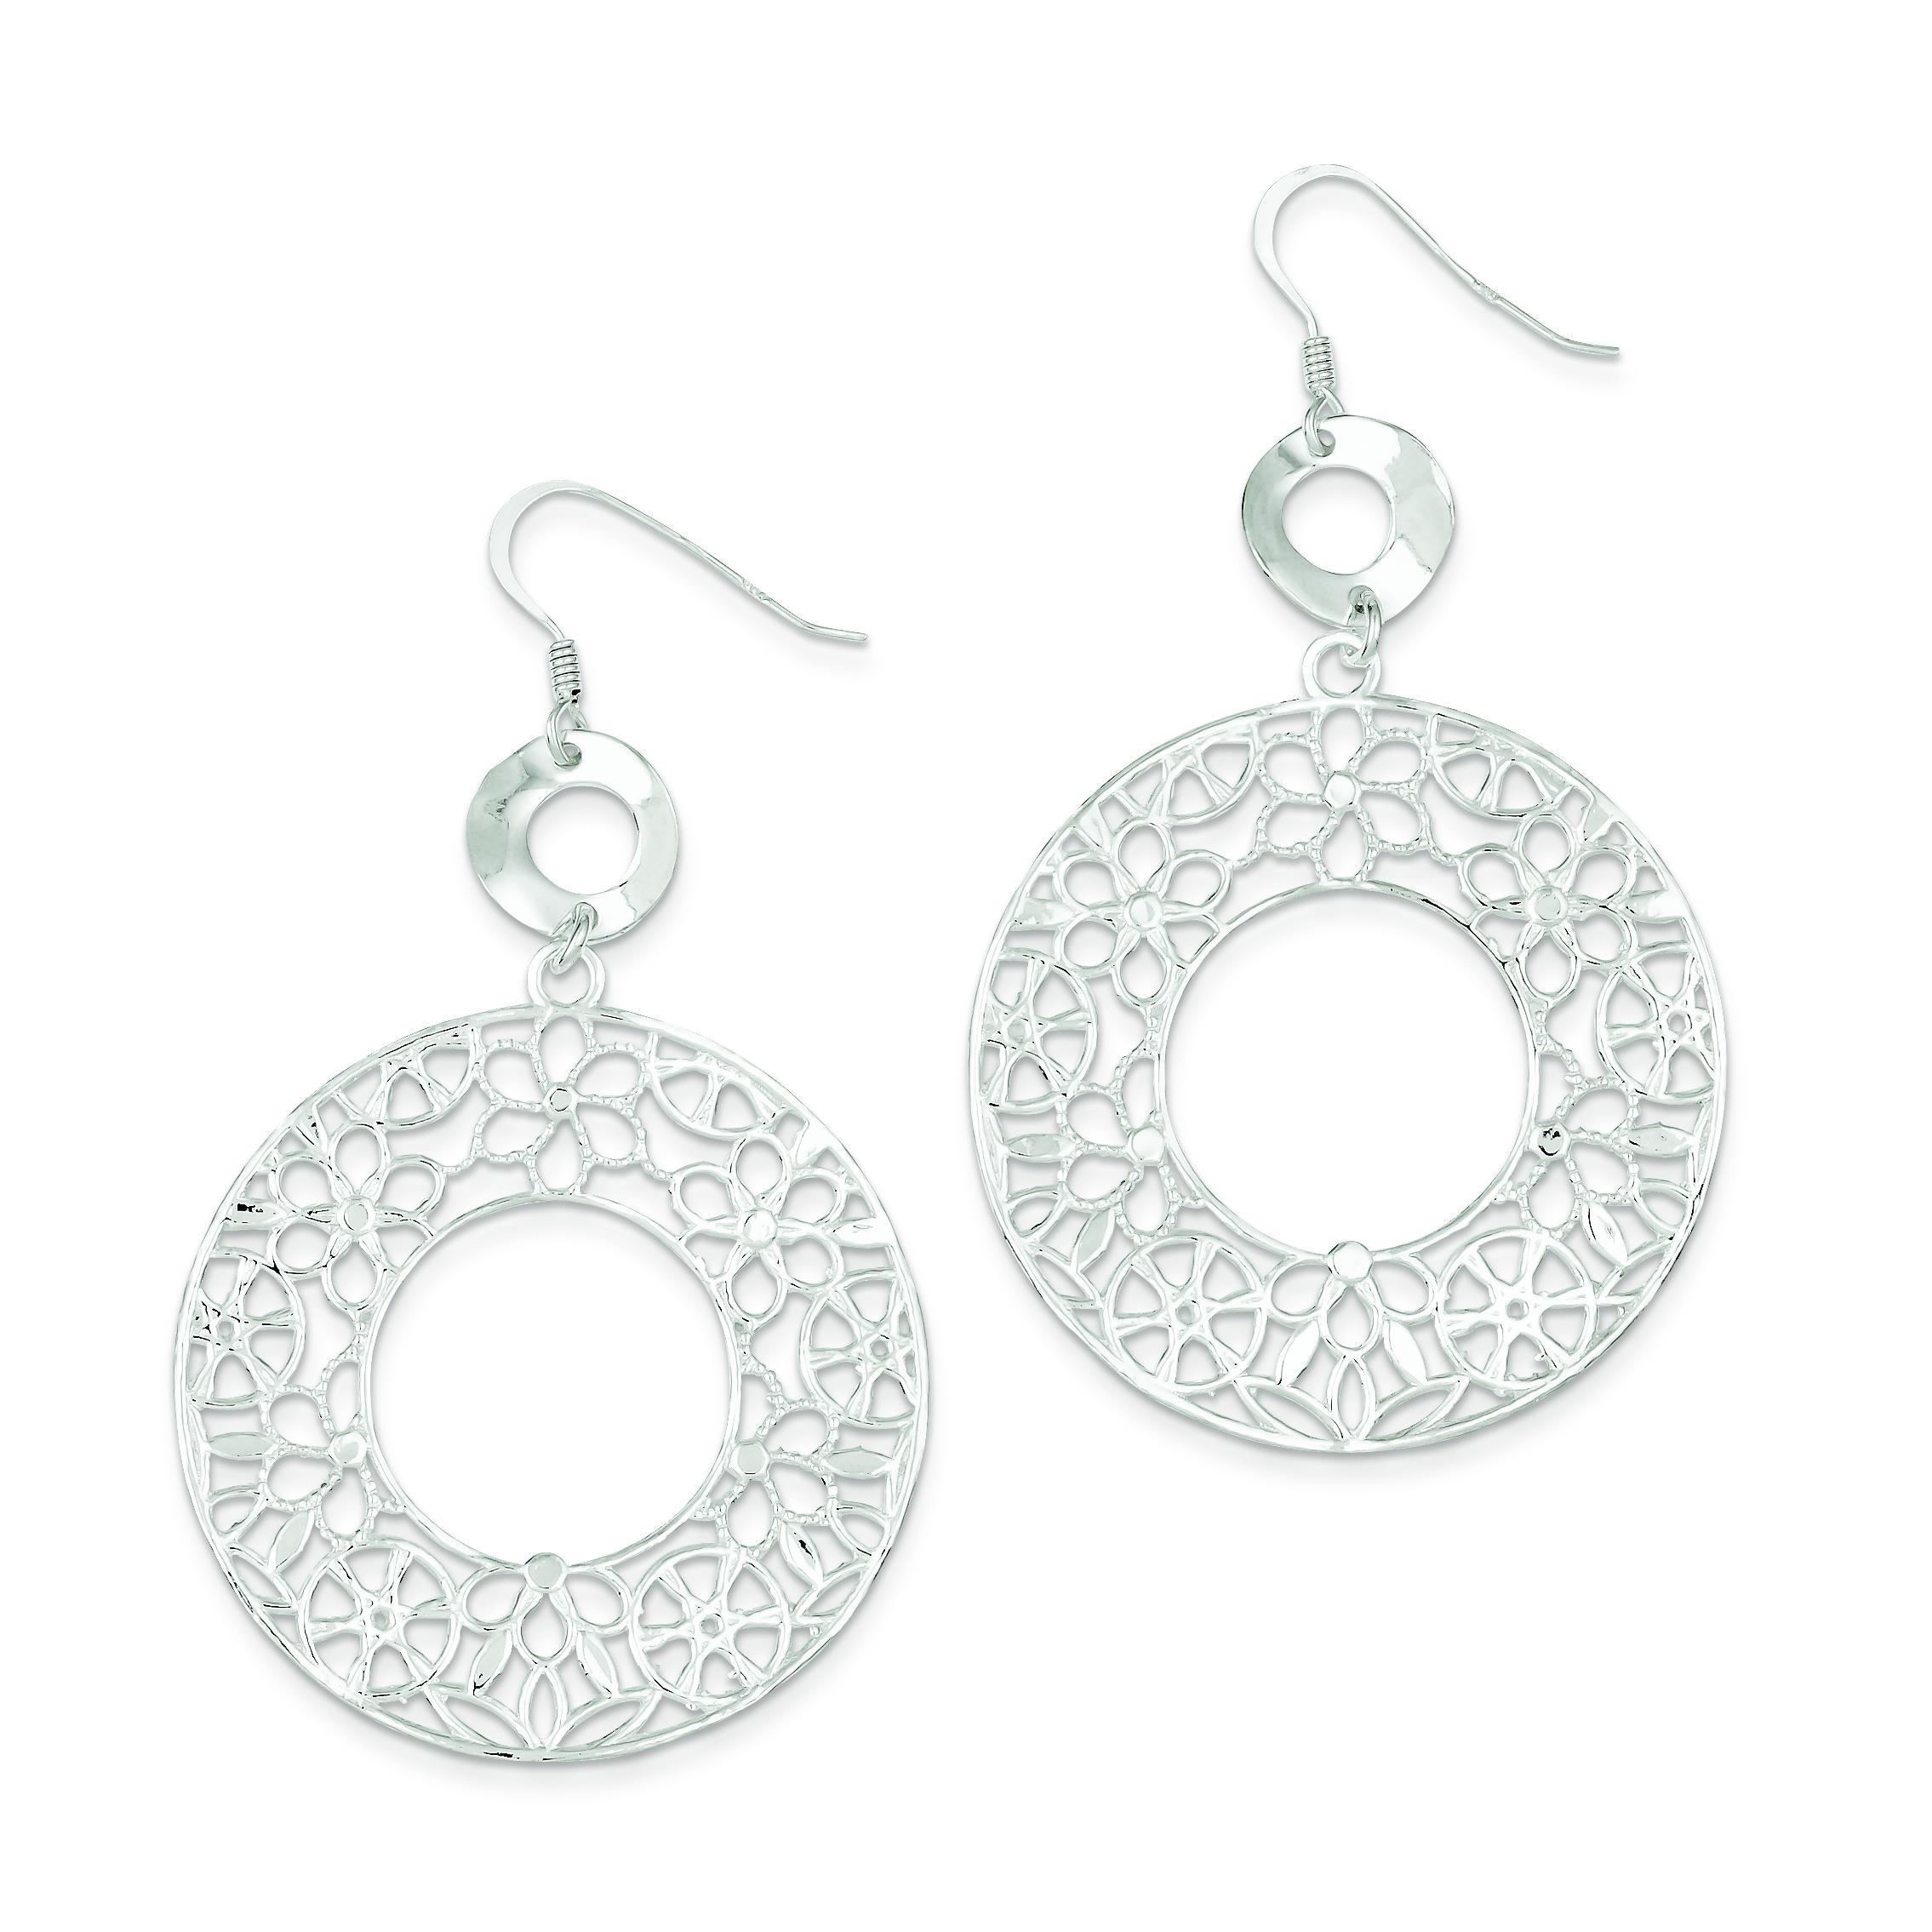 Fancy Circle Dangle Earrings in Sterling Silver